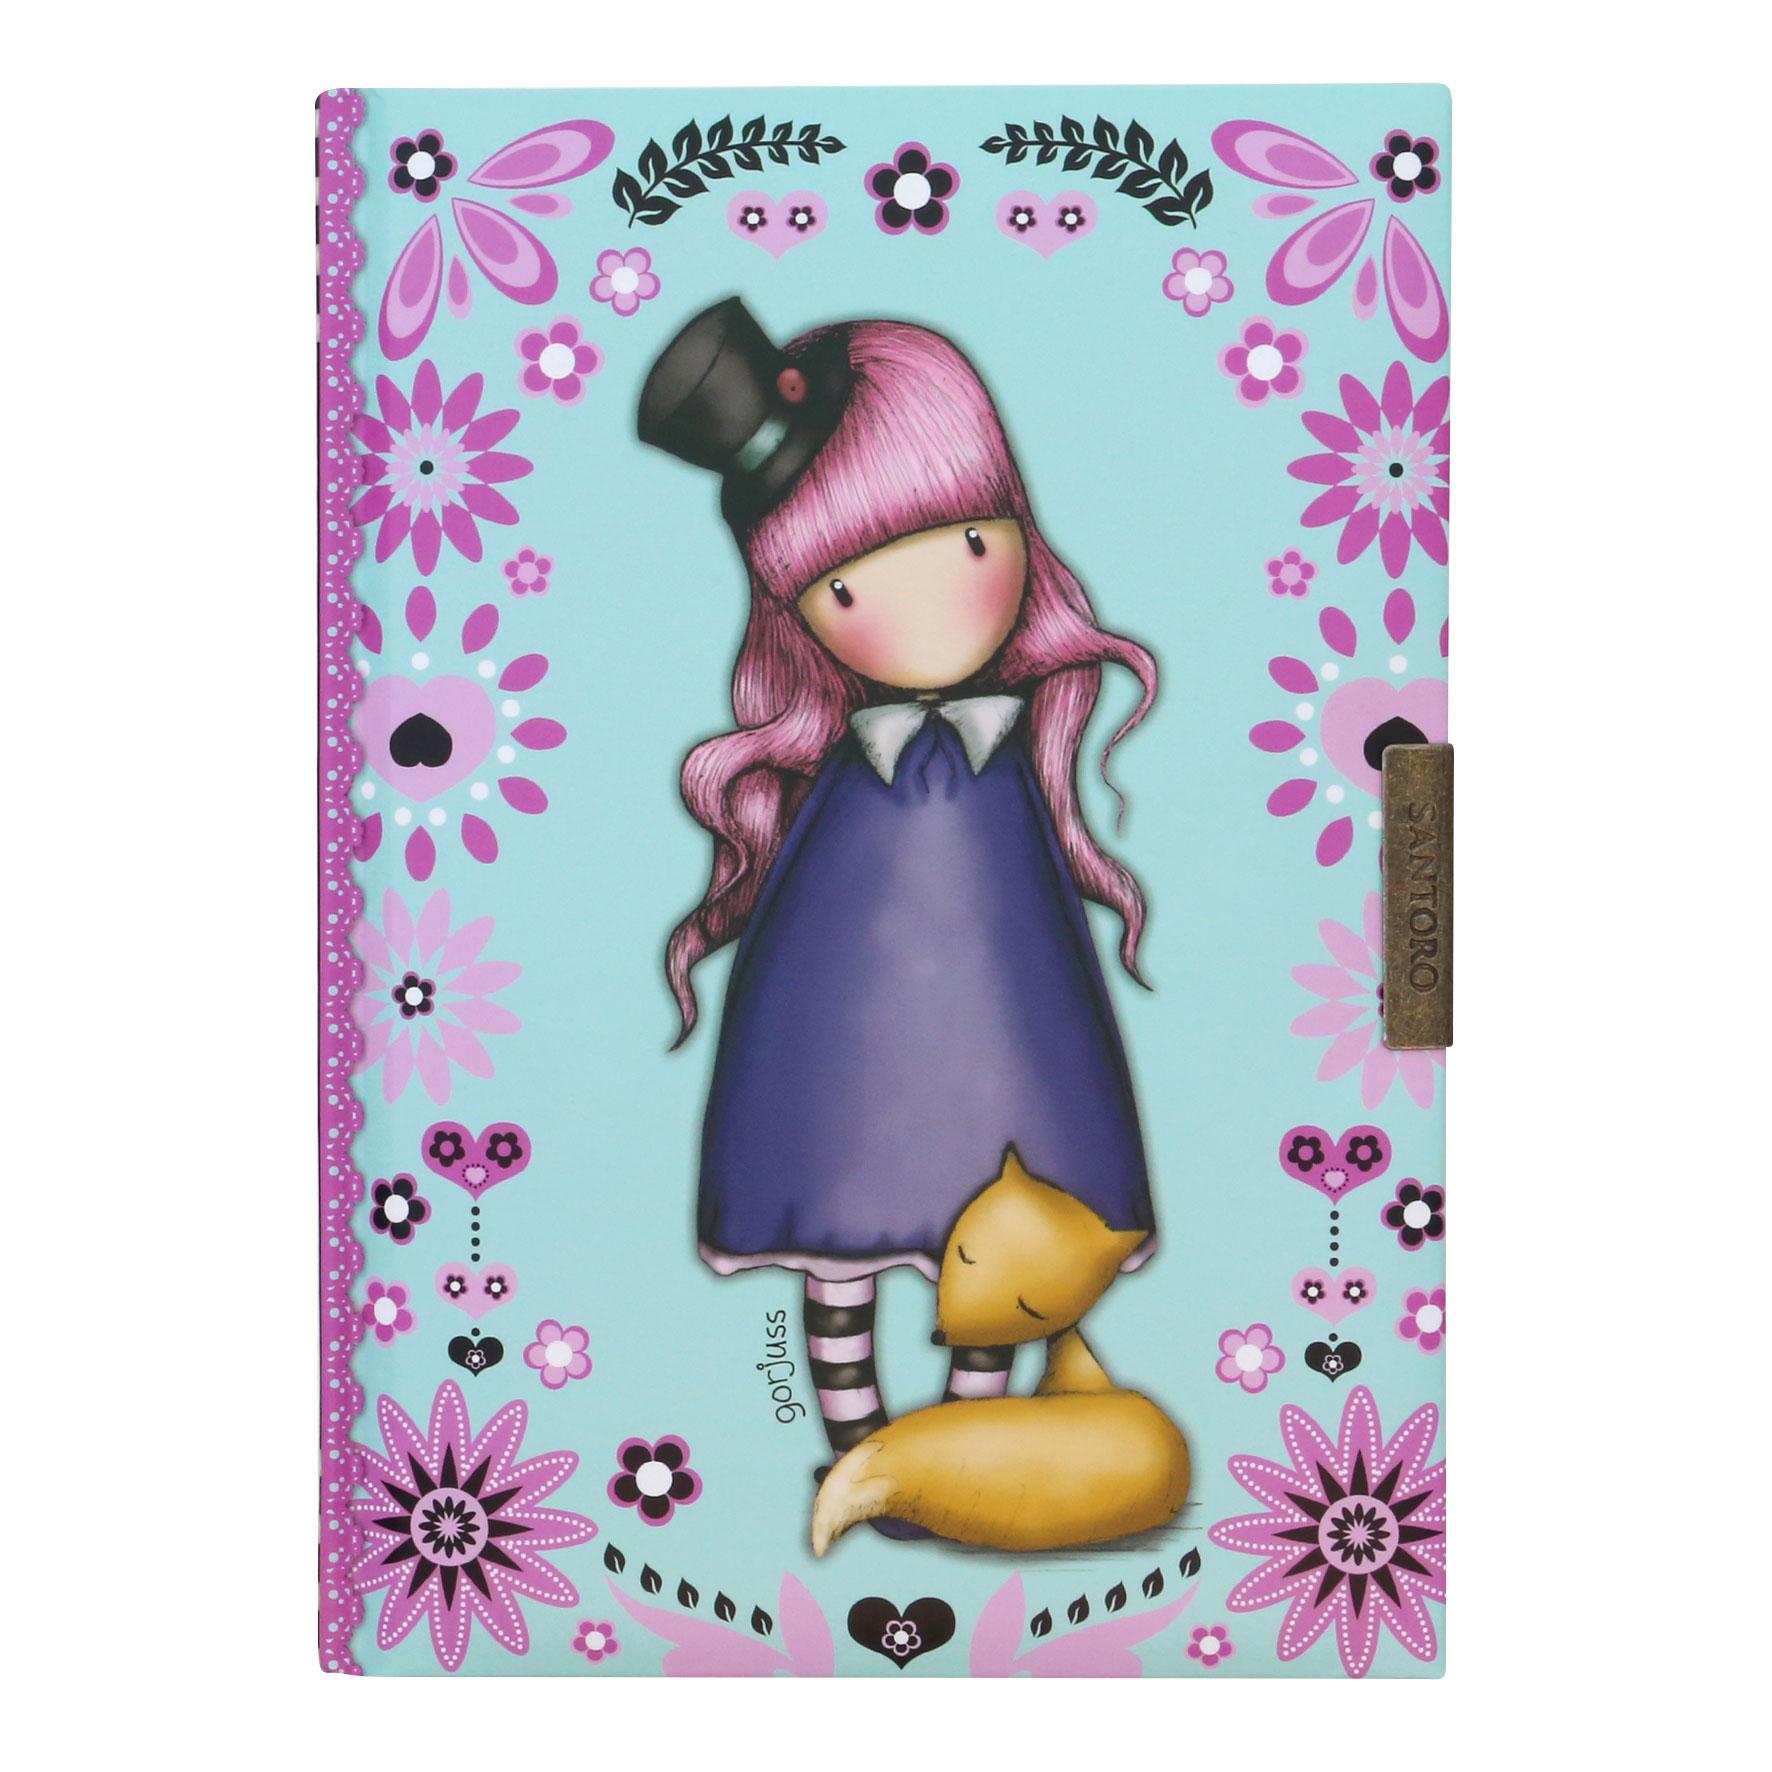 Santoro London - Zápisník B6 linkovaný se Zámkem - Gorjuss Fiesta - The Dreamer Světle modrá, růžová, fialová